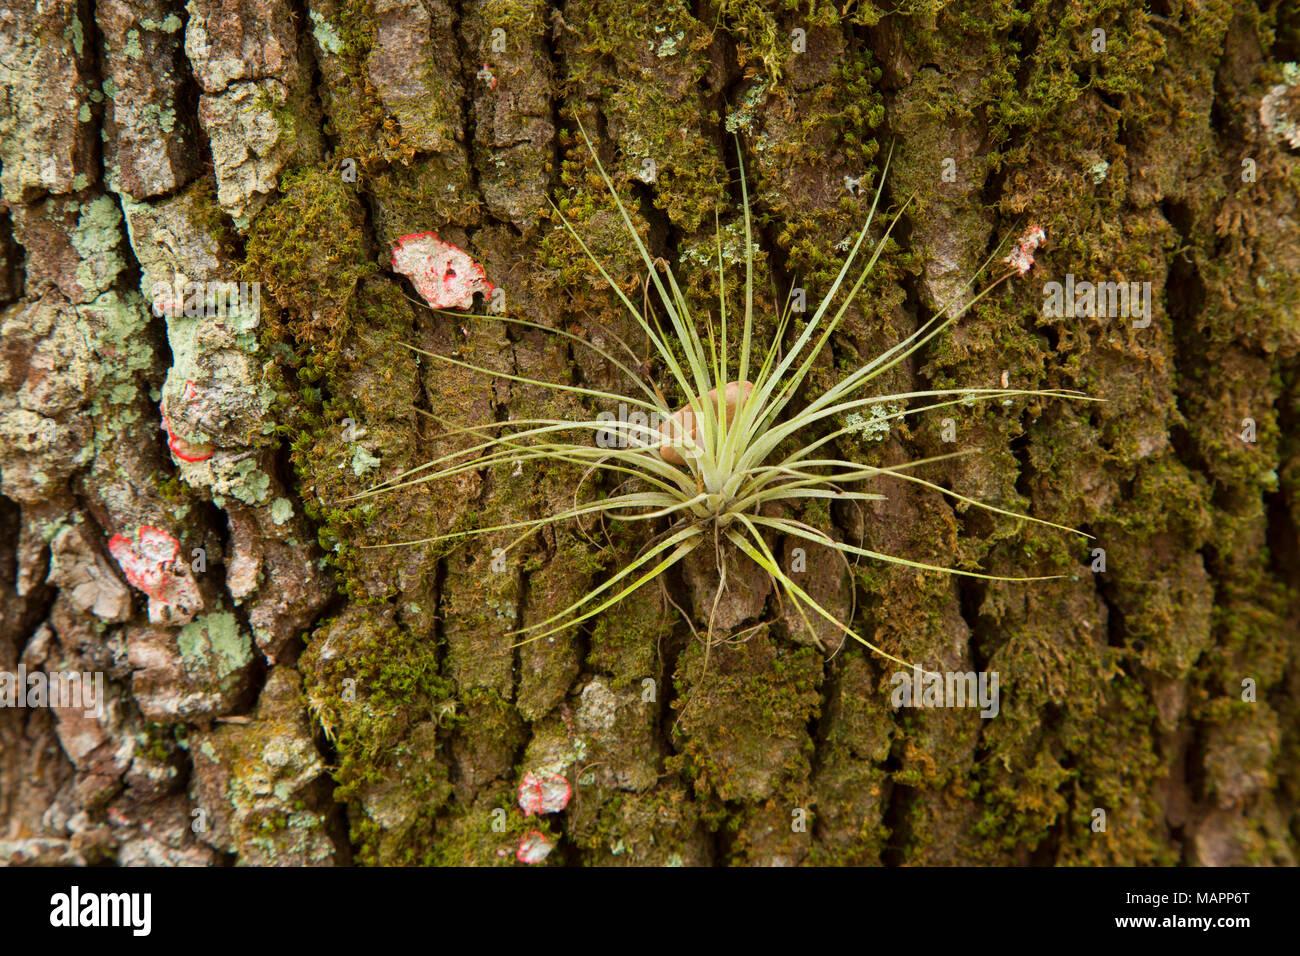 Epiphyte Enchanted Forest Sanctuary Florida